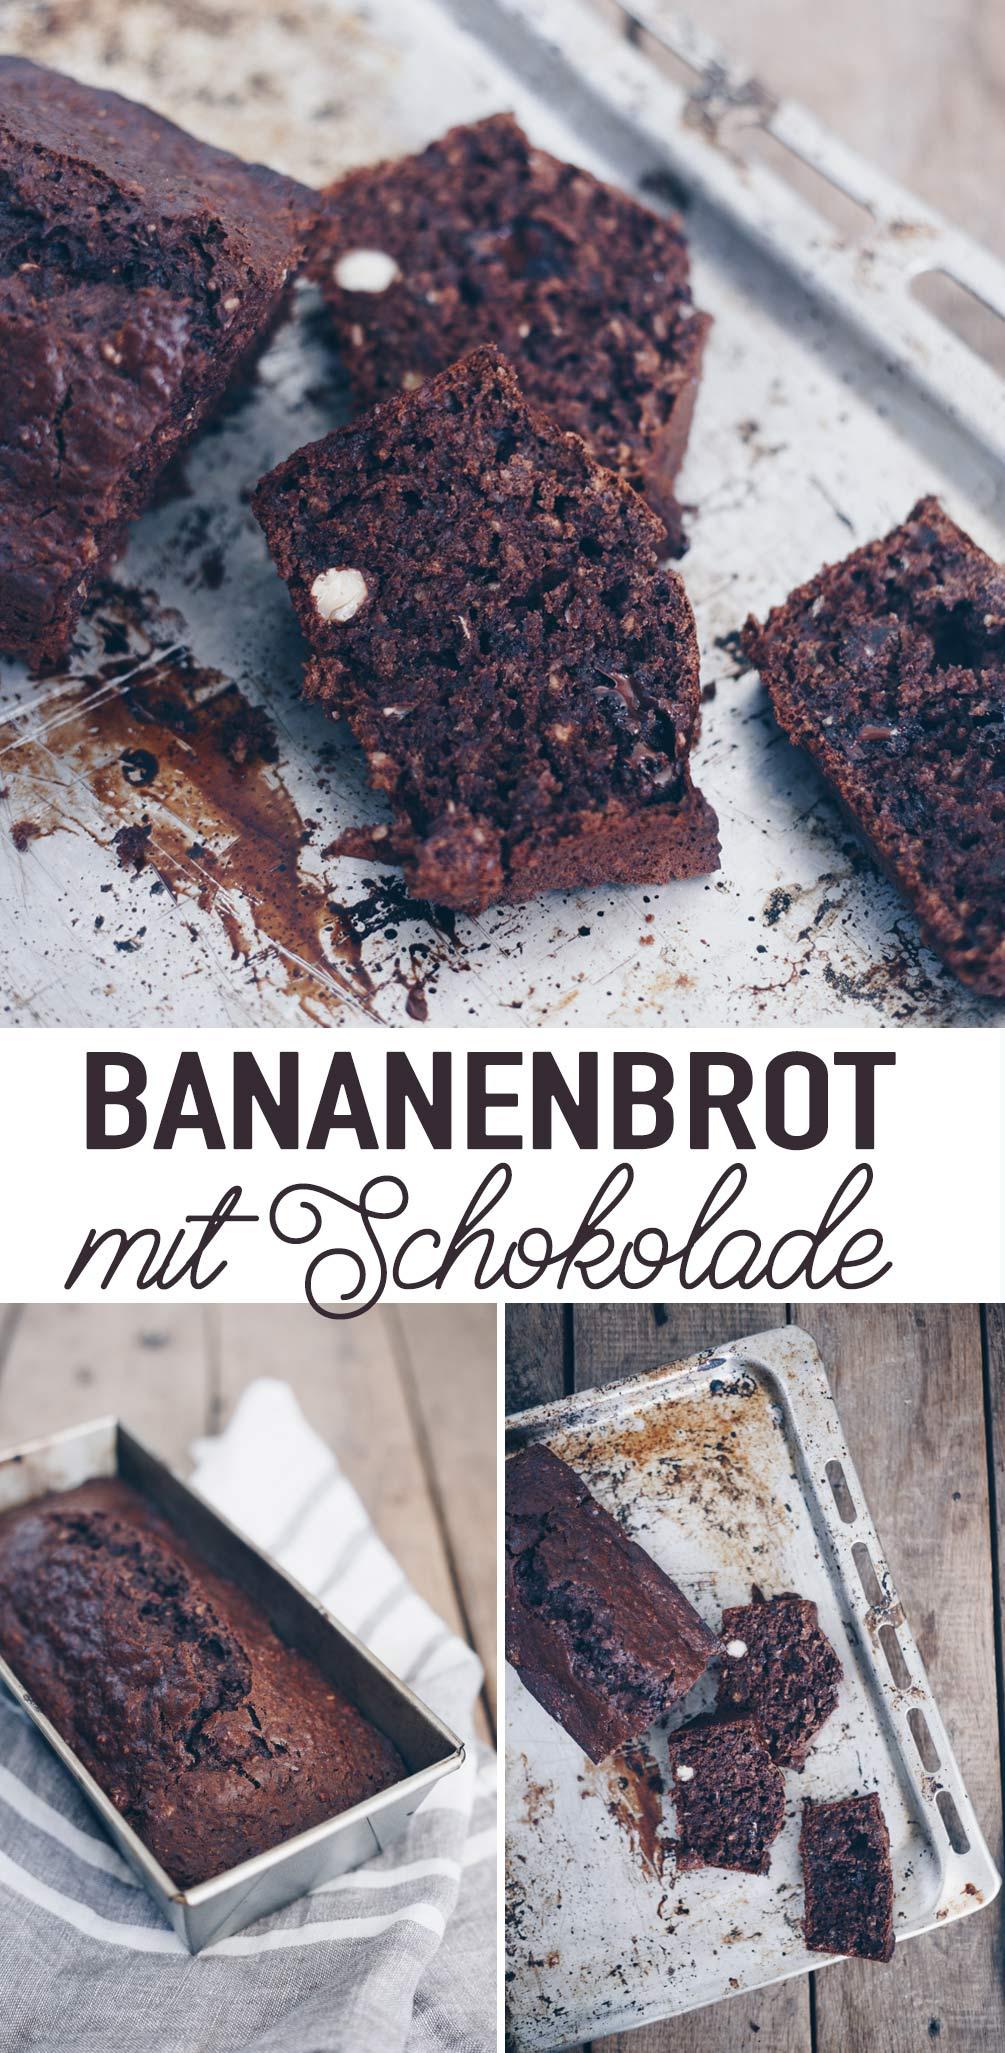 Schokoladen-Bananenbrot backen - einfaches Rezept für einen Kastenkuchen mit reifen Bananen